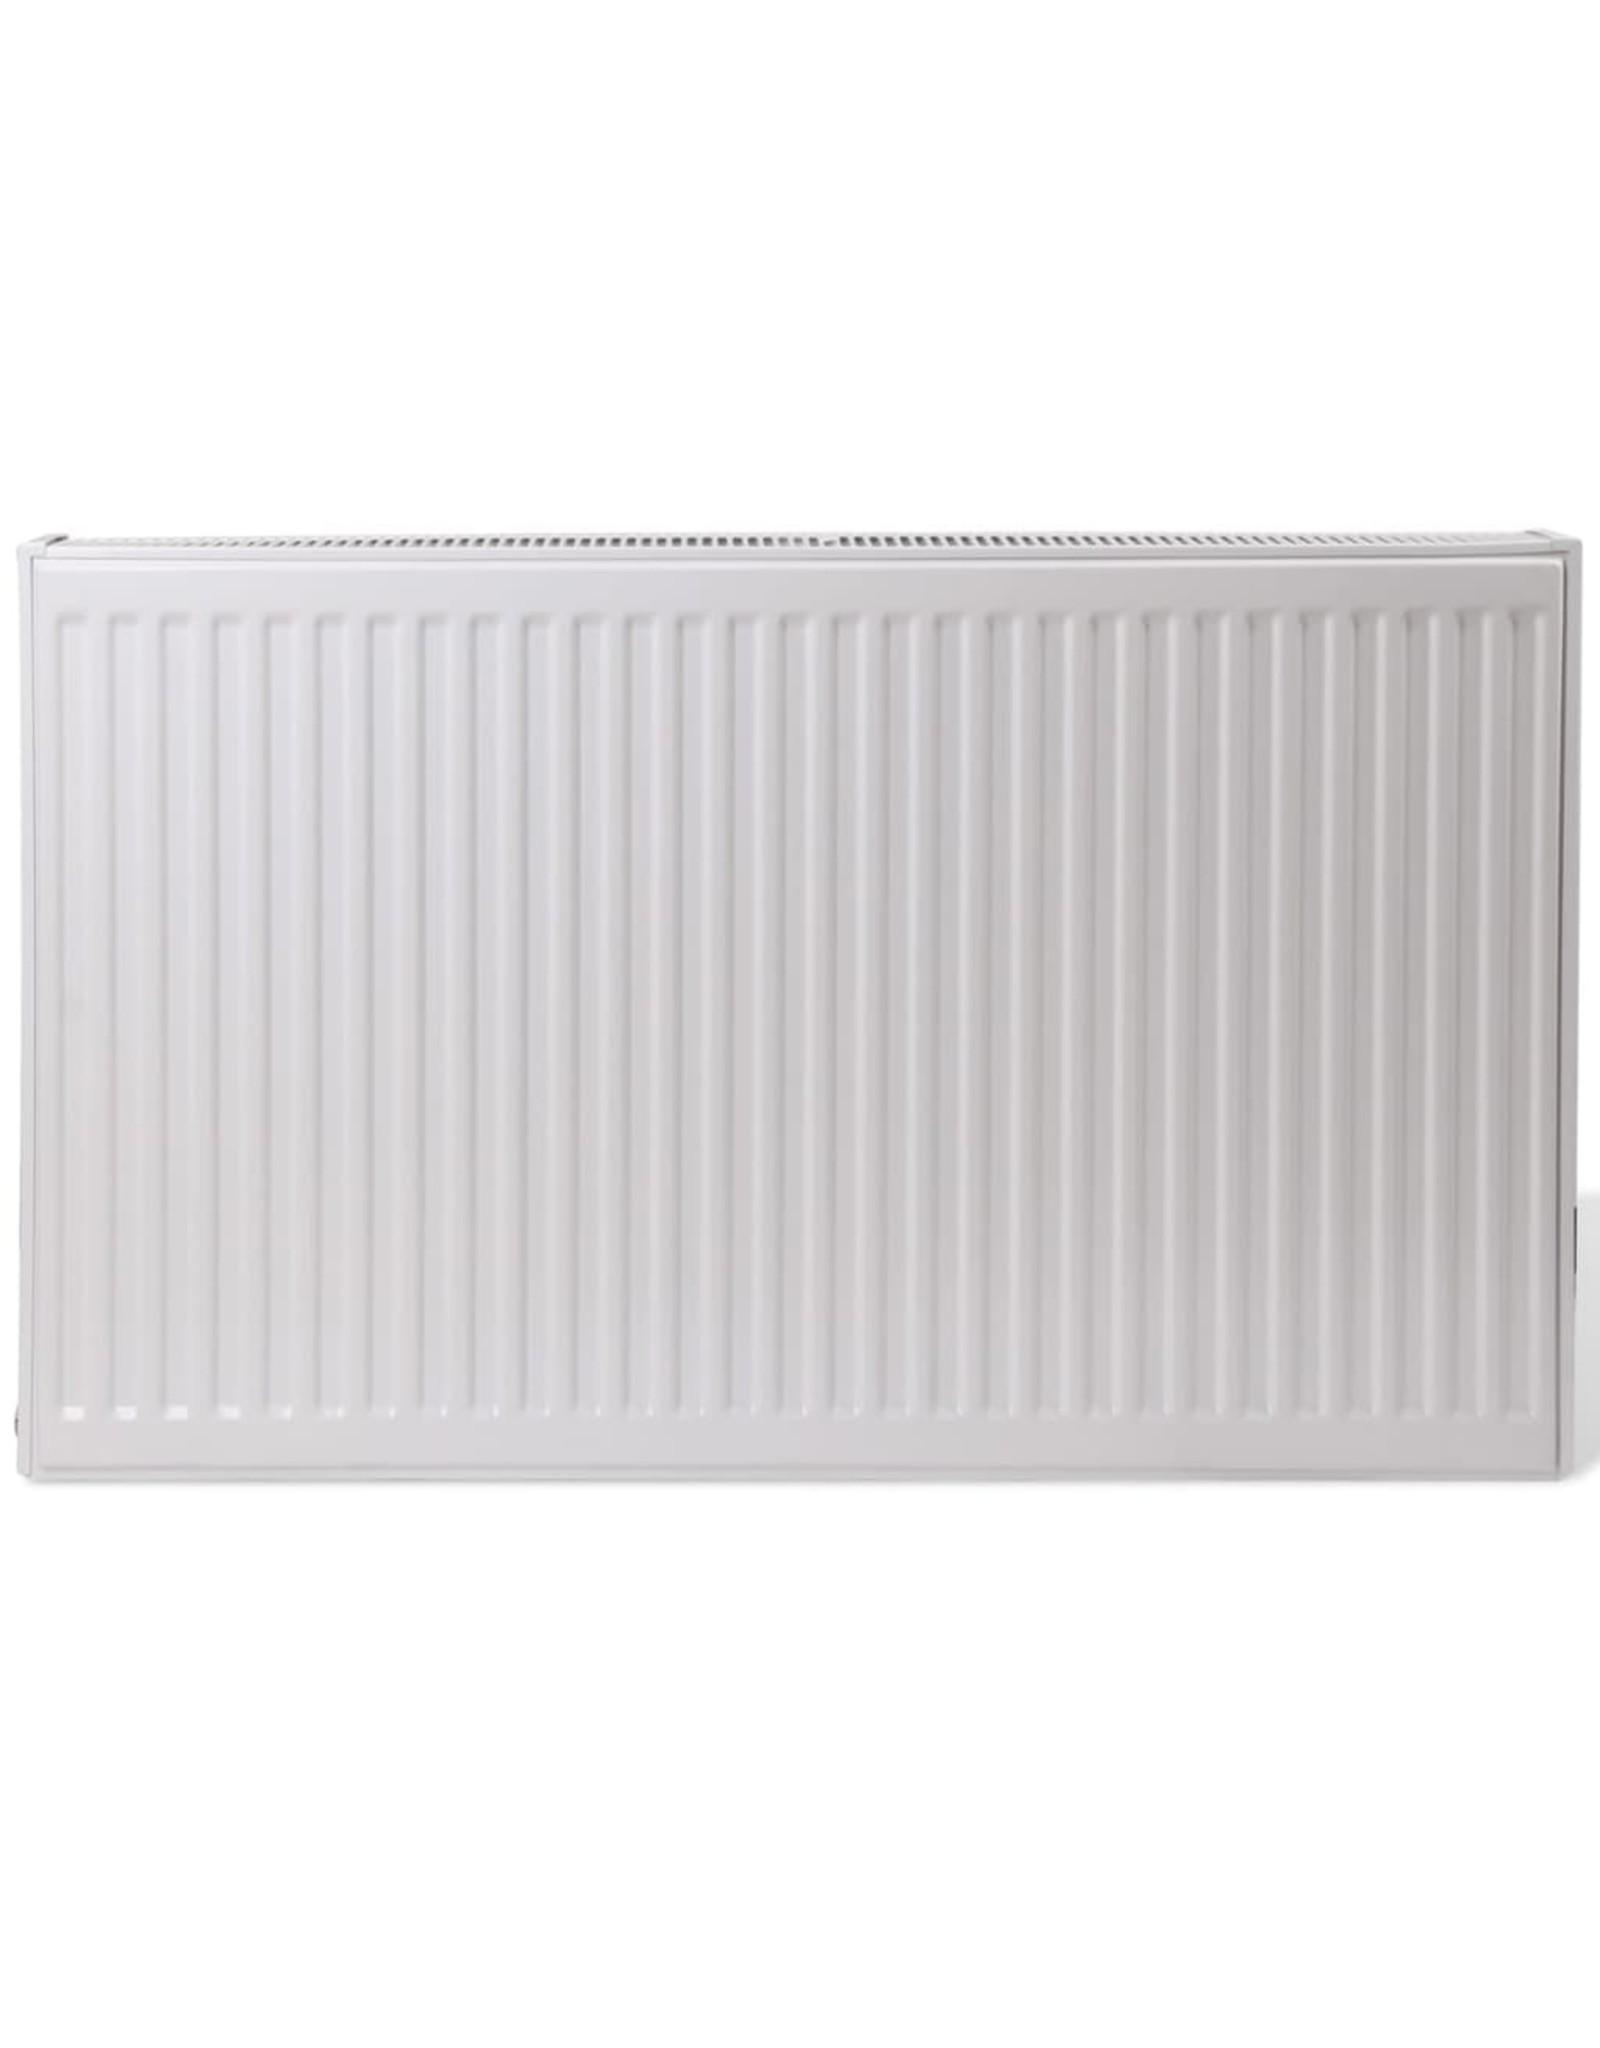 Convectorradiator 120x10x60 cm wit